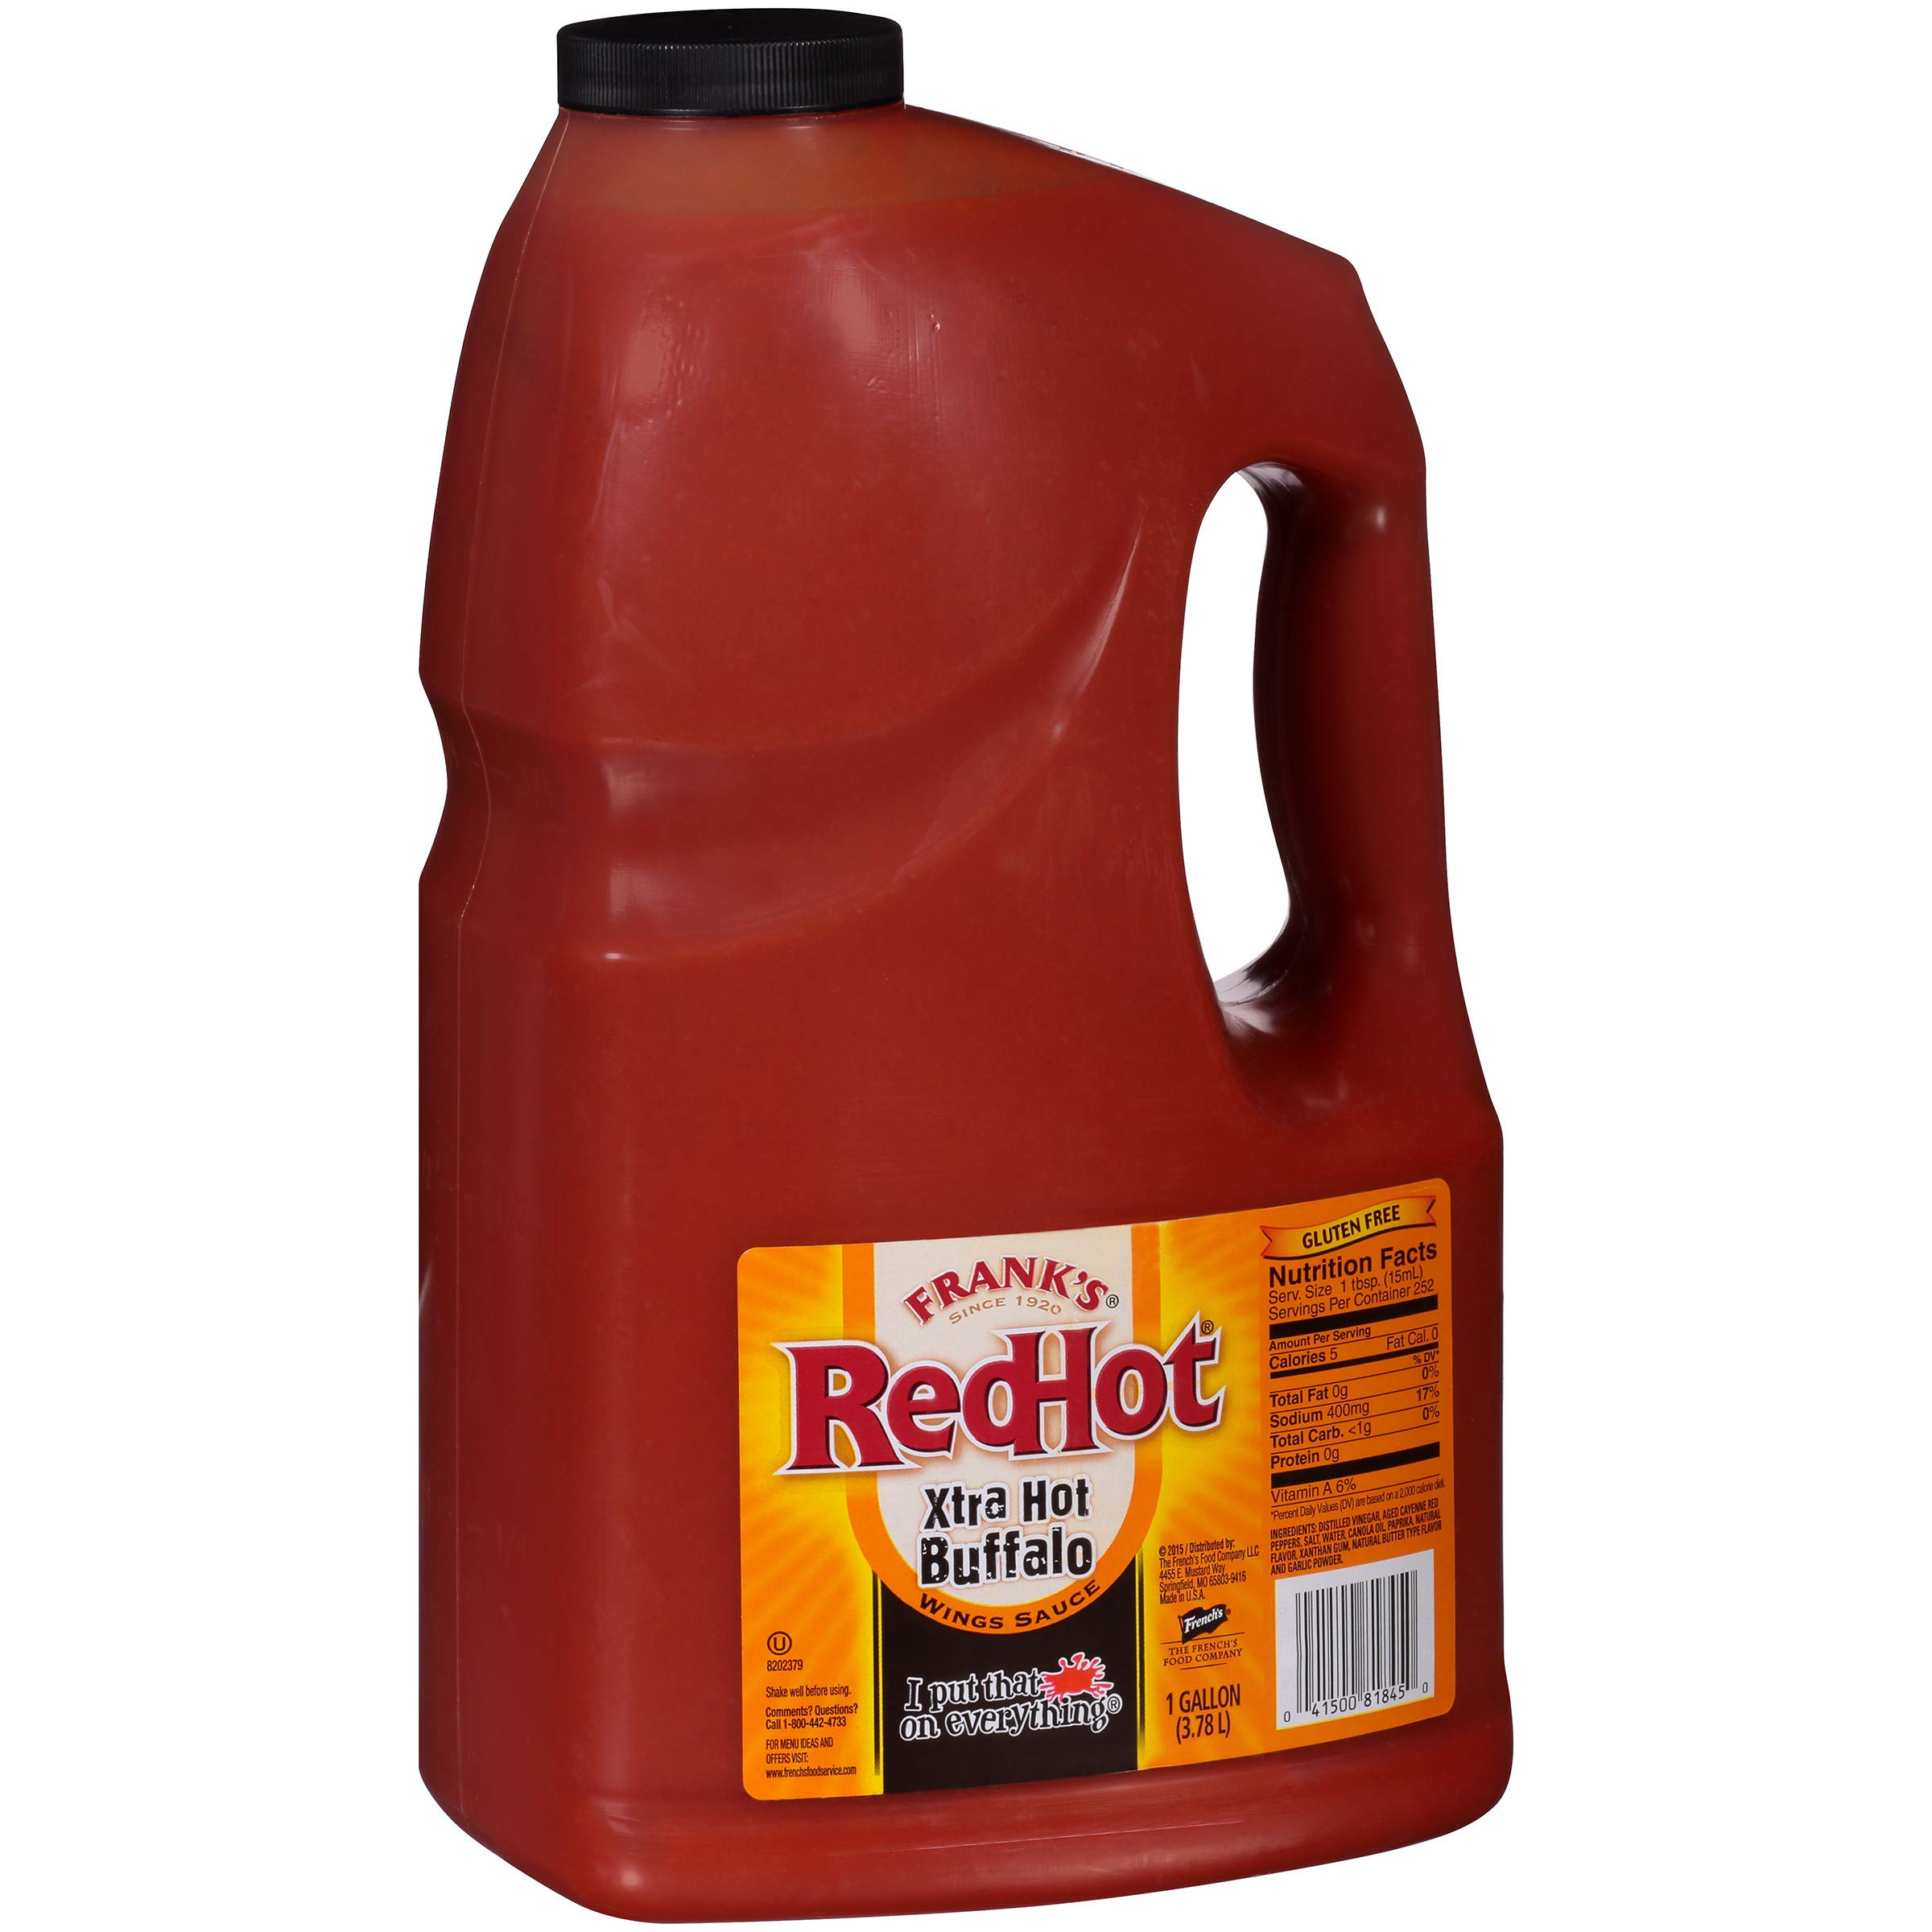 Frank's RedHot Xtra Hot Buffalo Wings Sauce, 1 gal